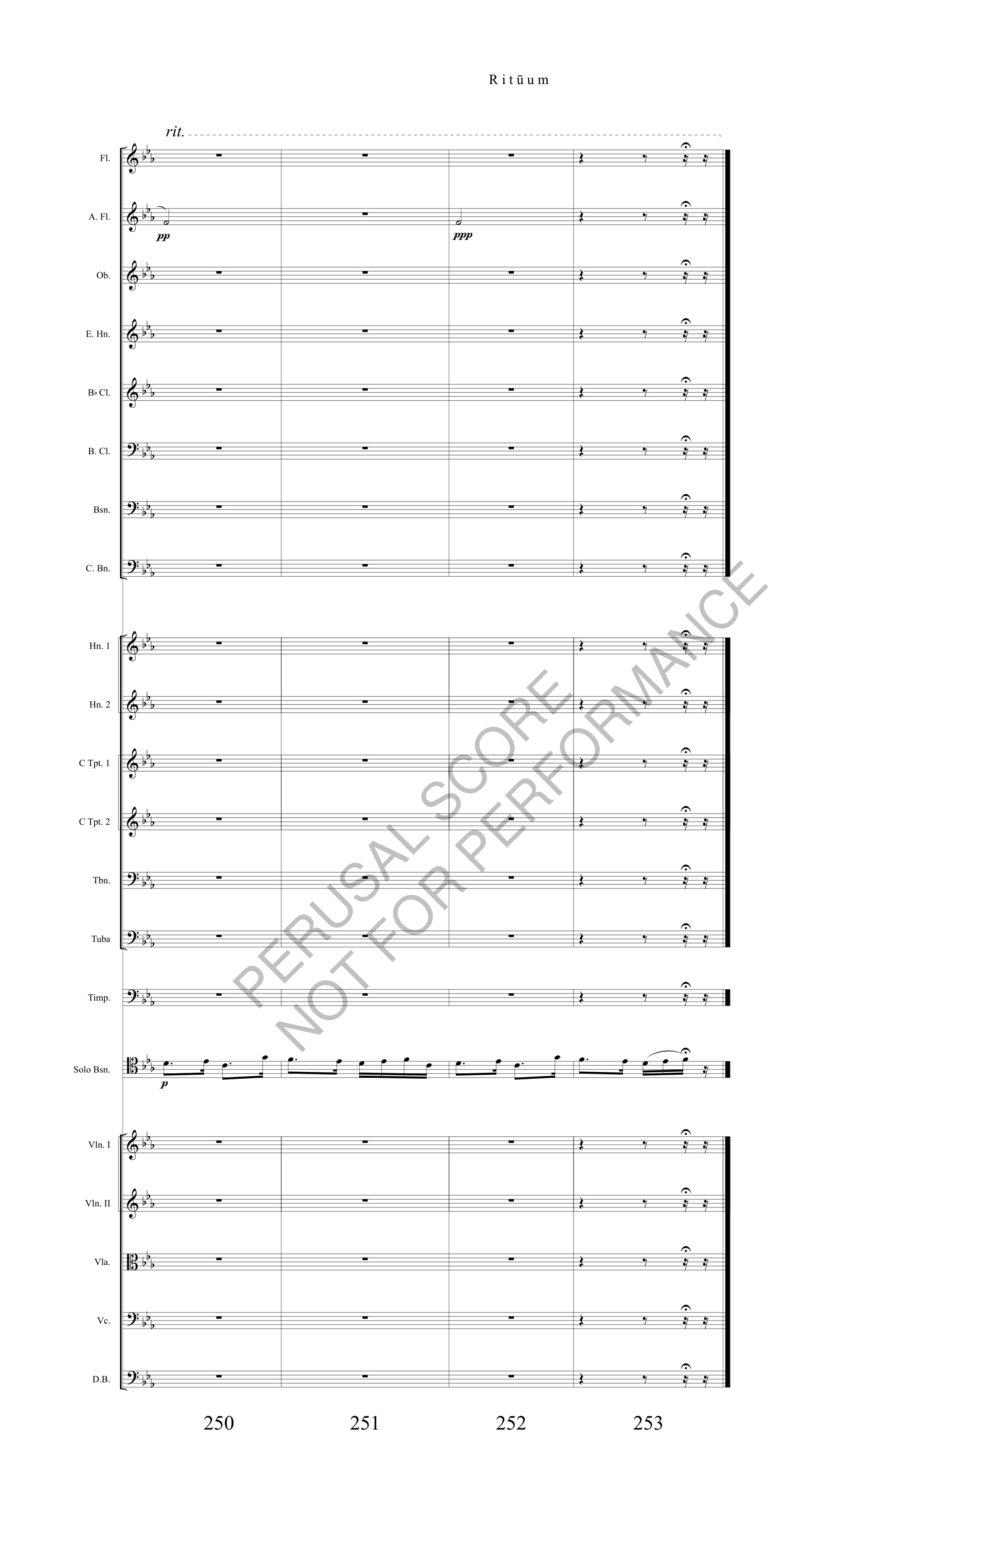 Boyd Rituum Score-watermark (1)-58.jpg